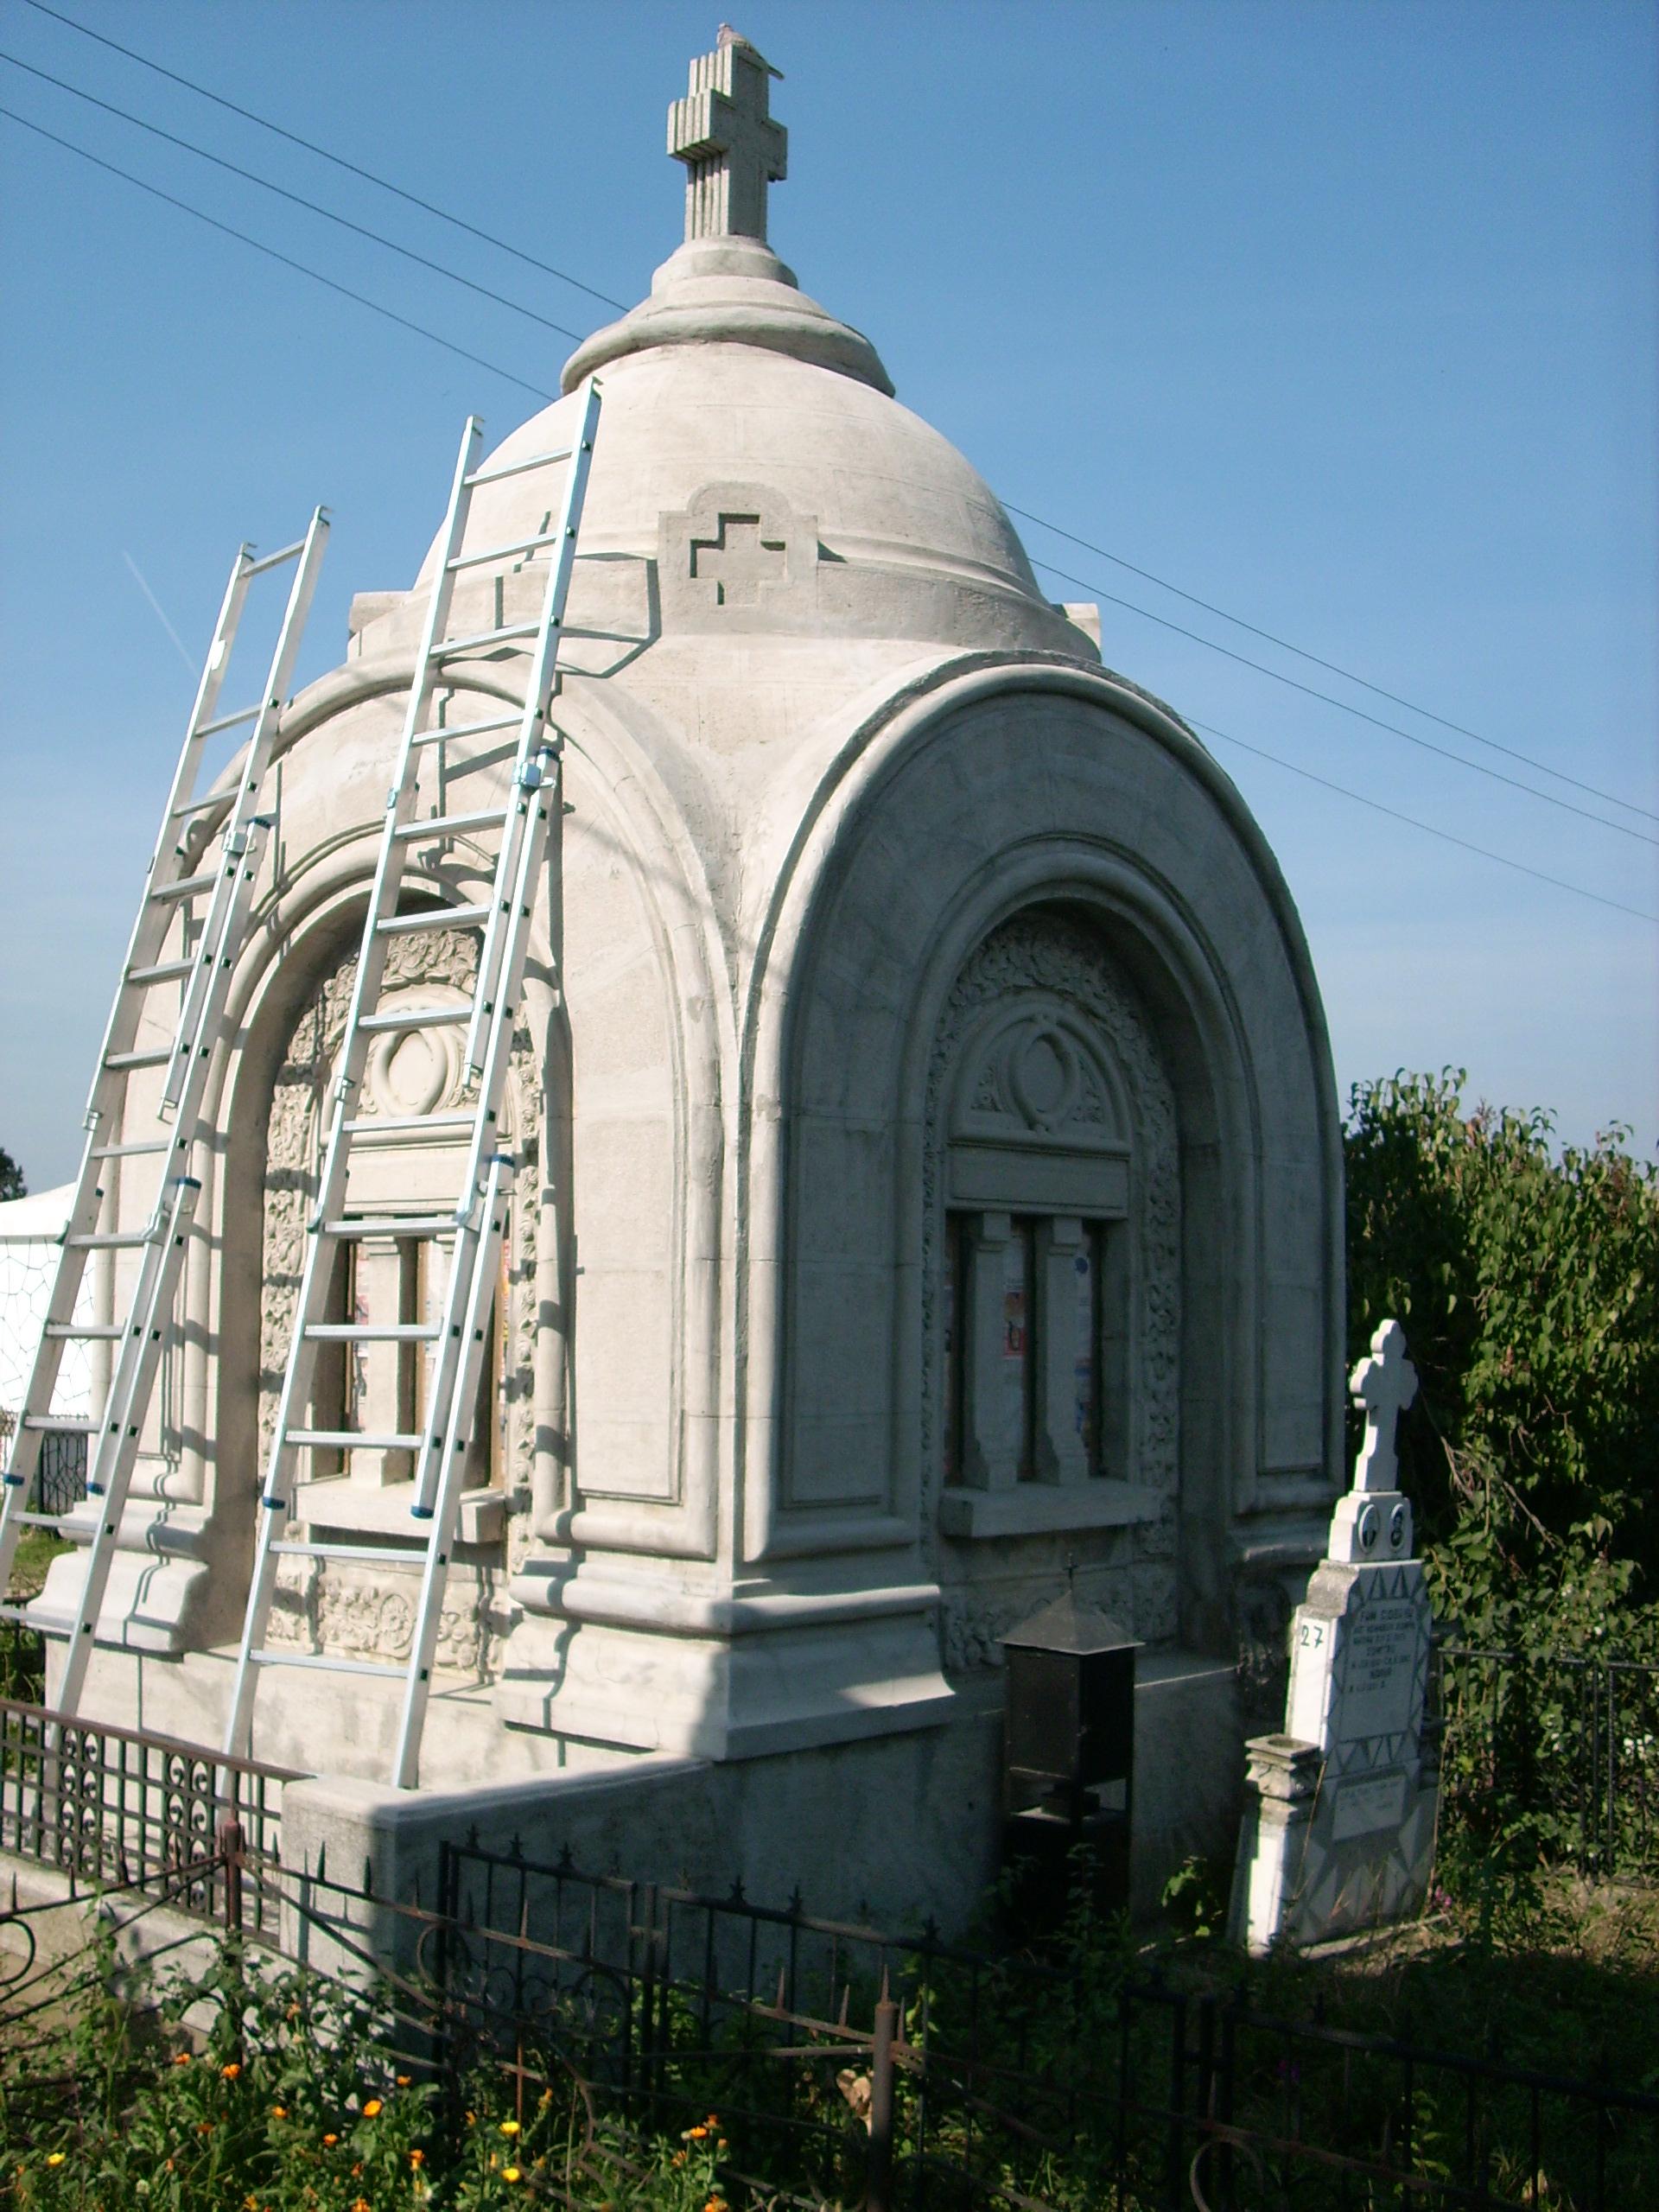 Aplicarea tratamentelor de impermeabilizare - Monument funerar UNICO PROFIT - Poza 1